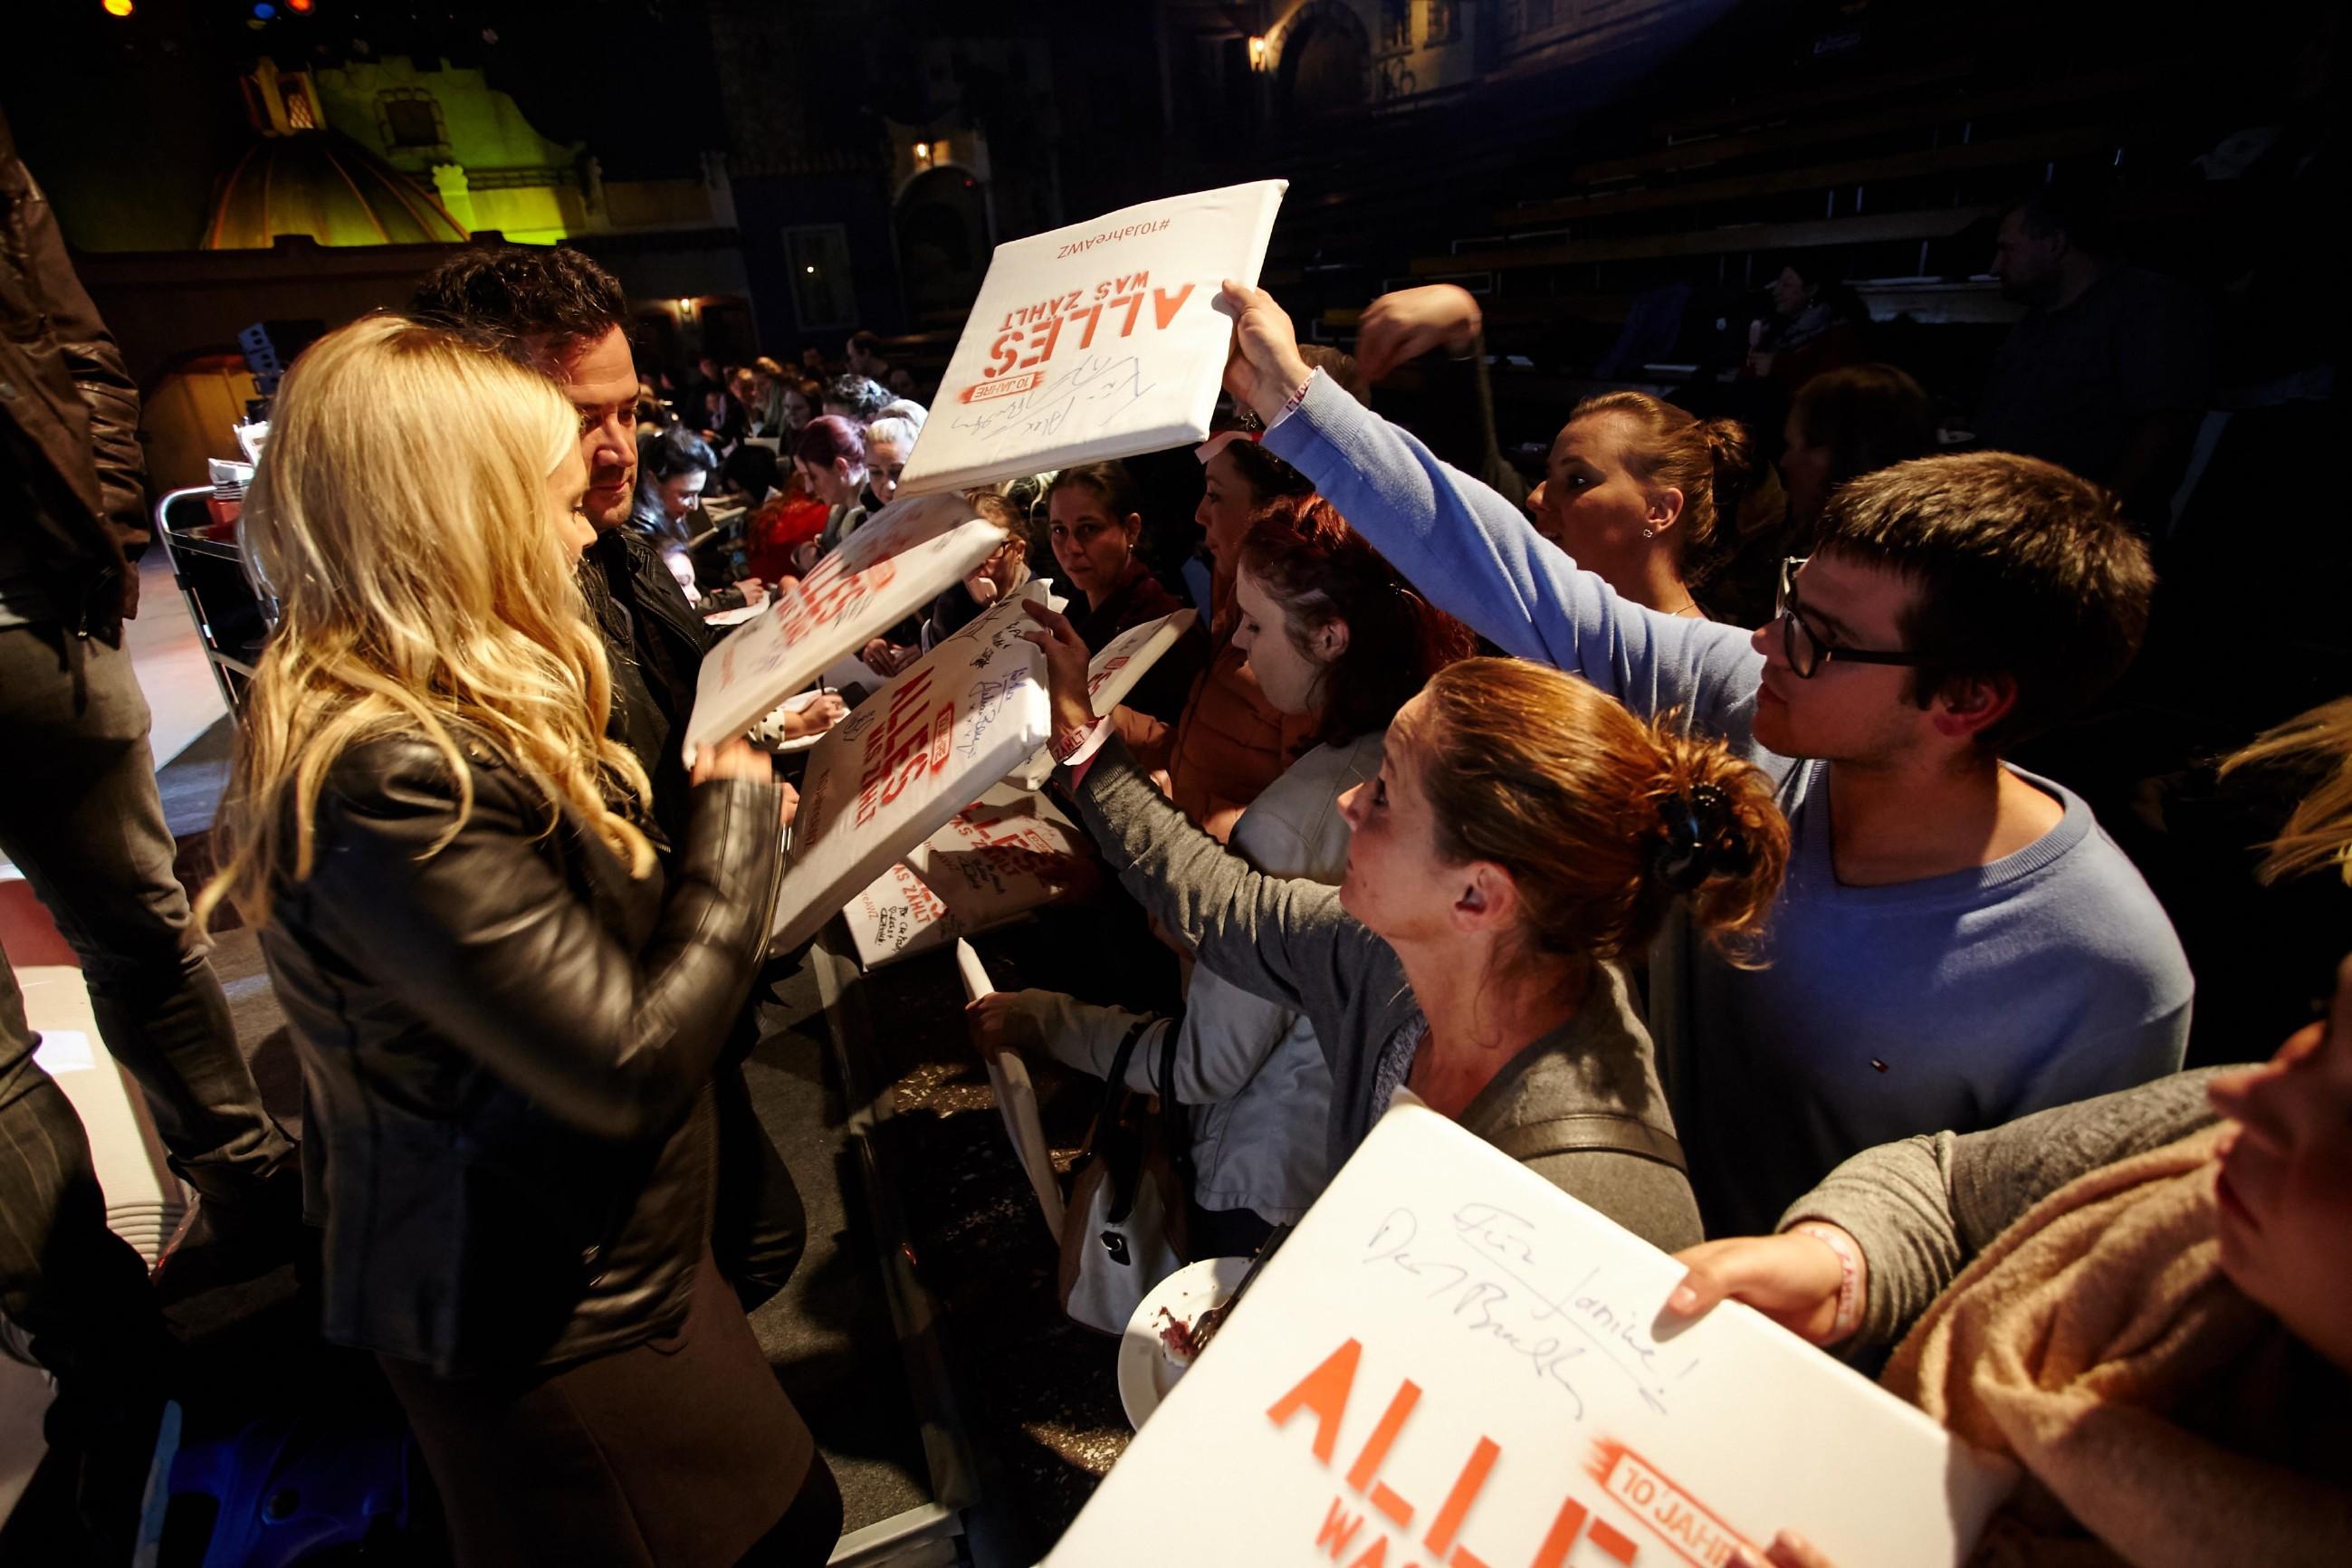 Juliette Greco (l.) und Sam Eisenstein (2.v.l.) verteilen Autogramme an die Fans.